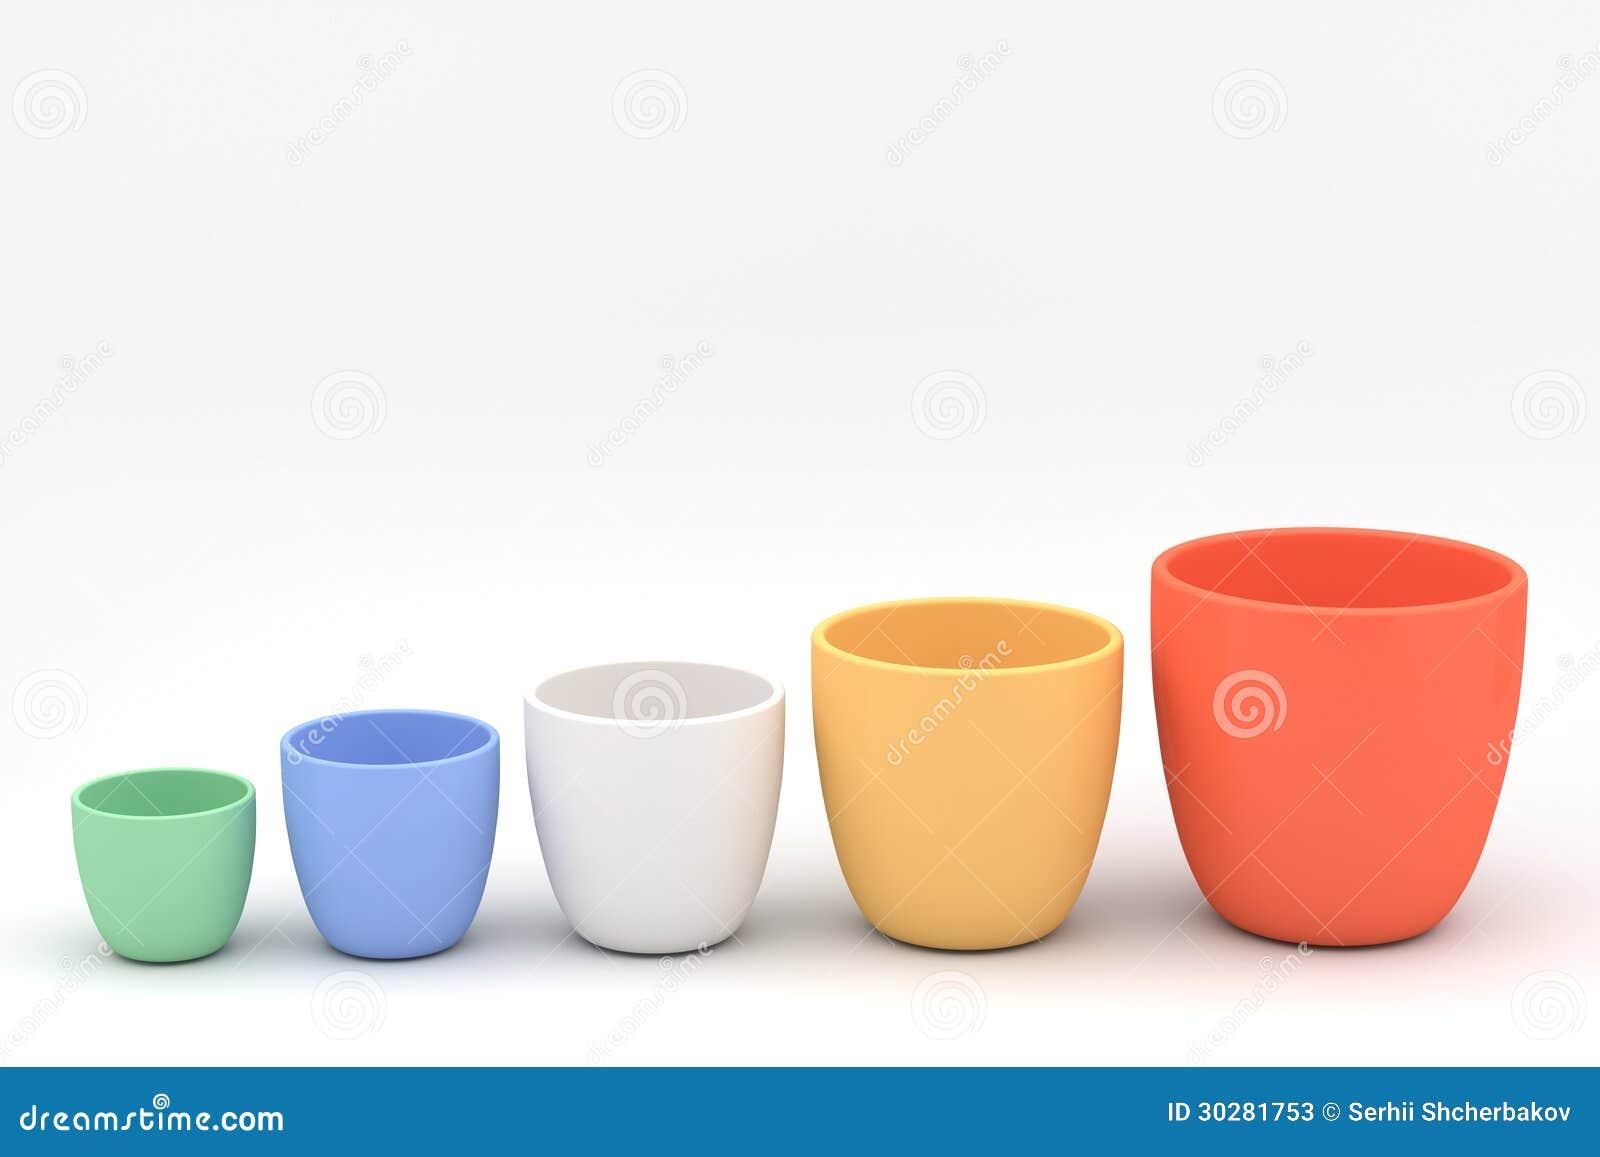 各种各样的颜色陶瓷花盆集合